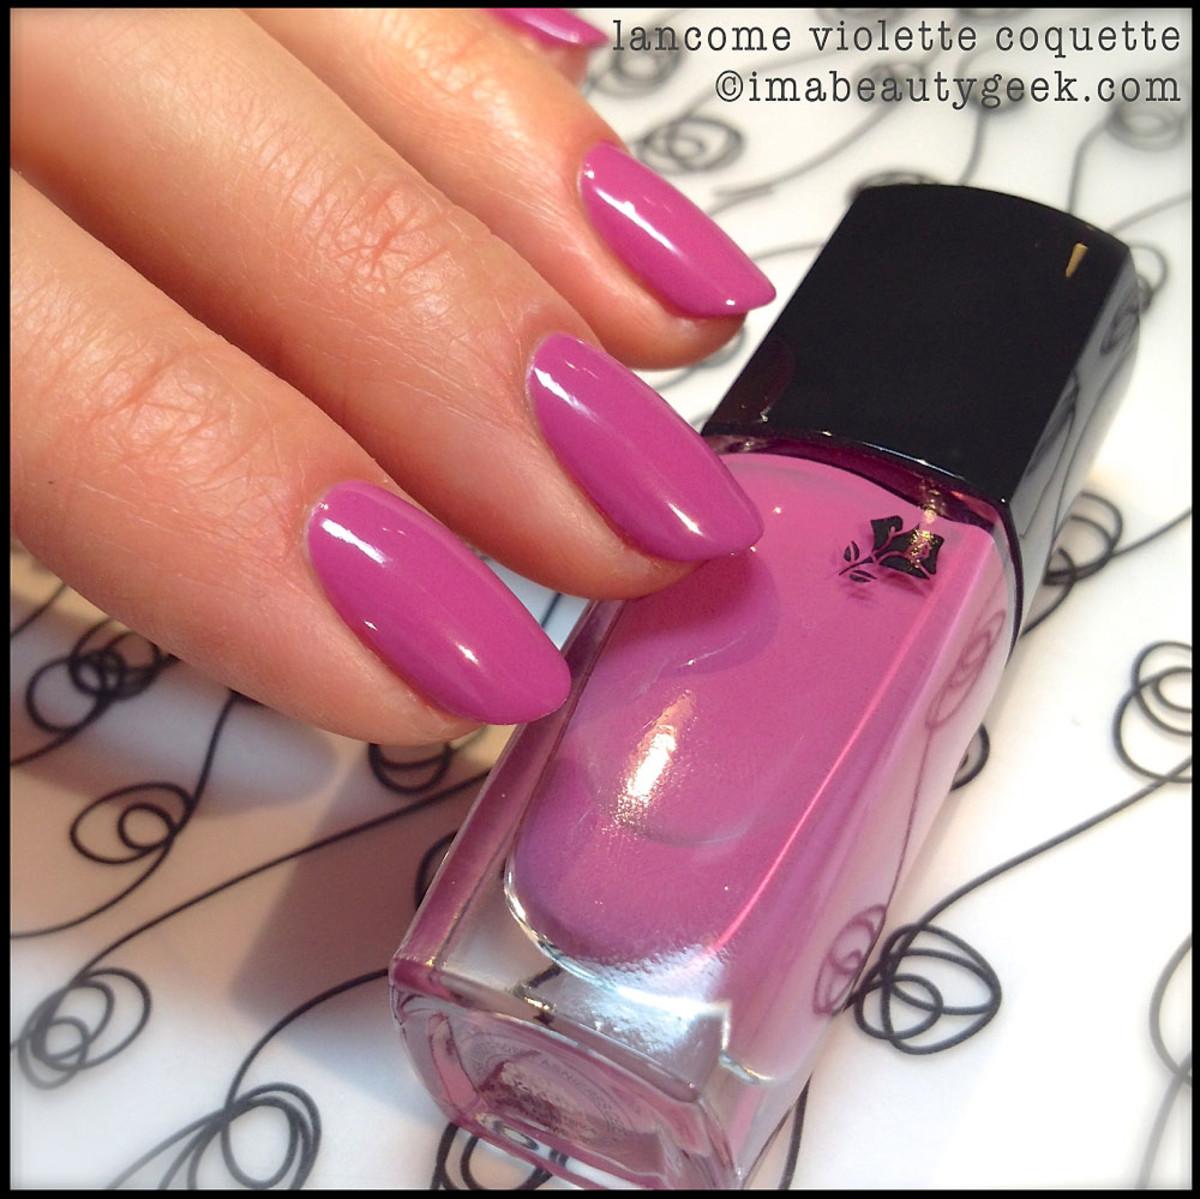 Lancome Violette Coquette_Lancome Vernis in Love